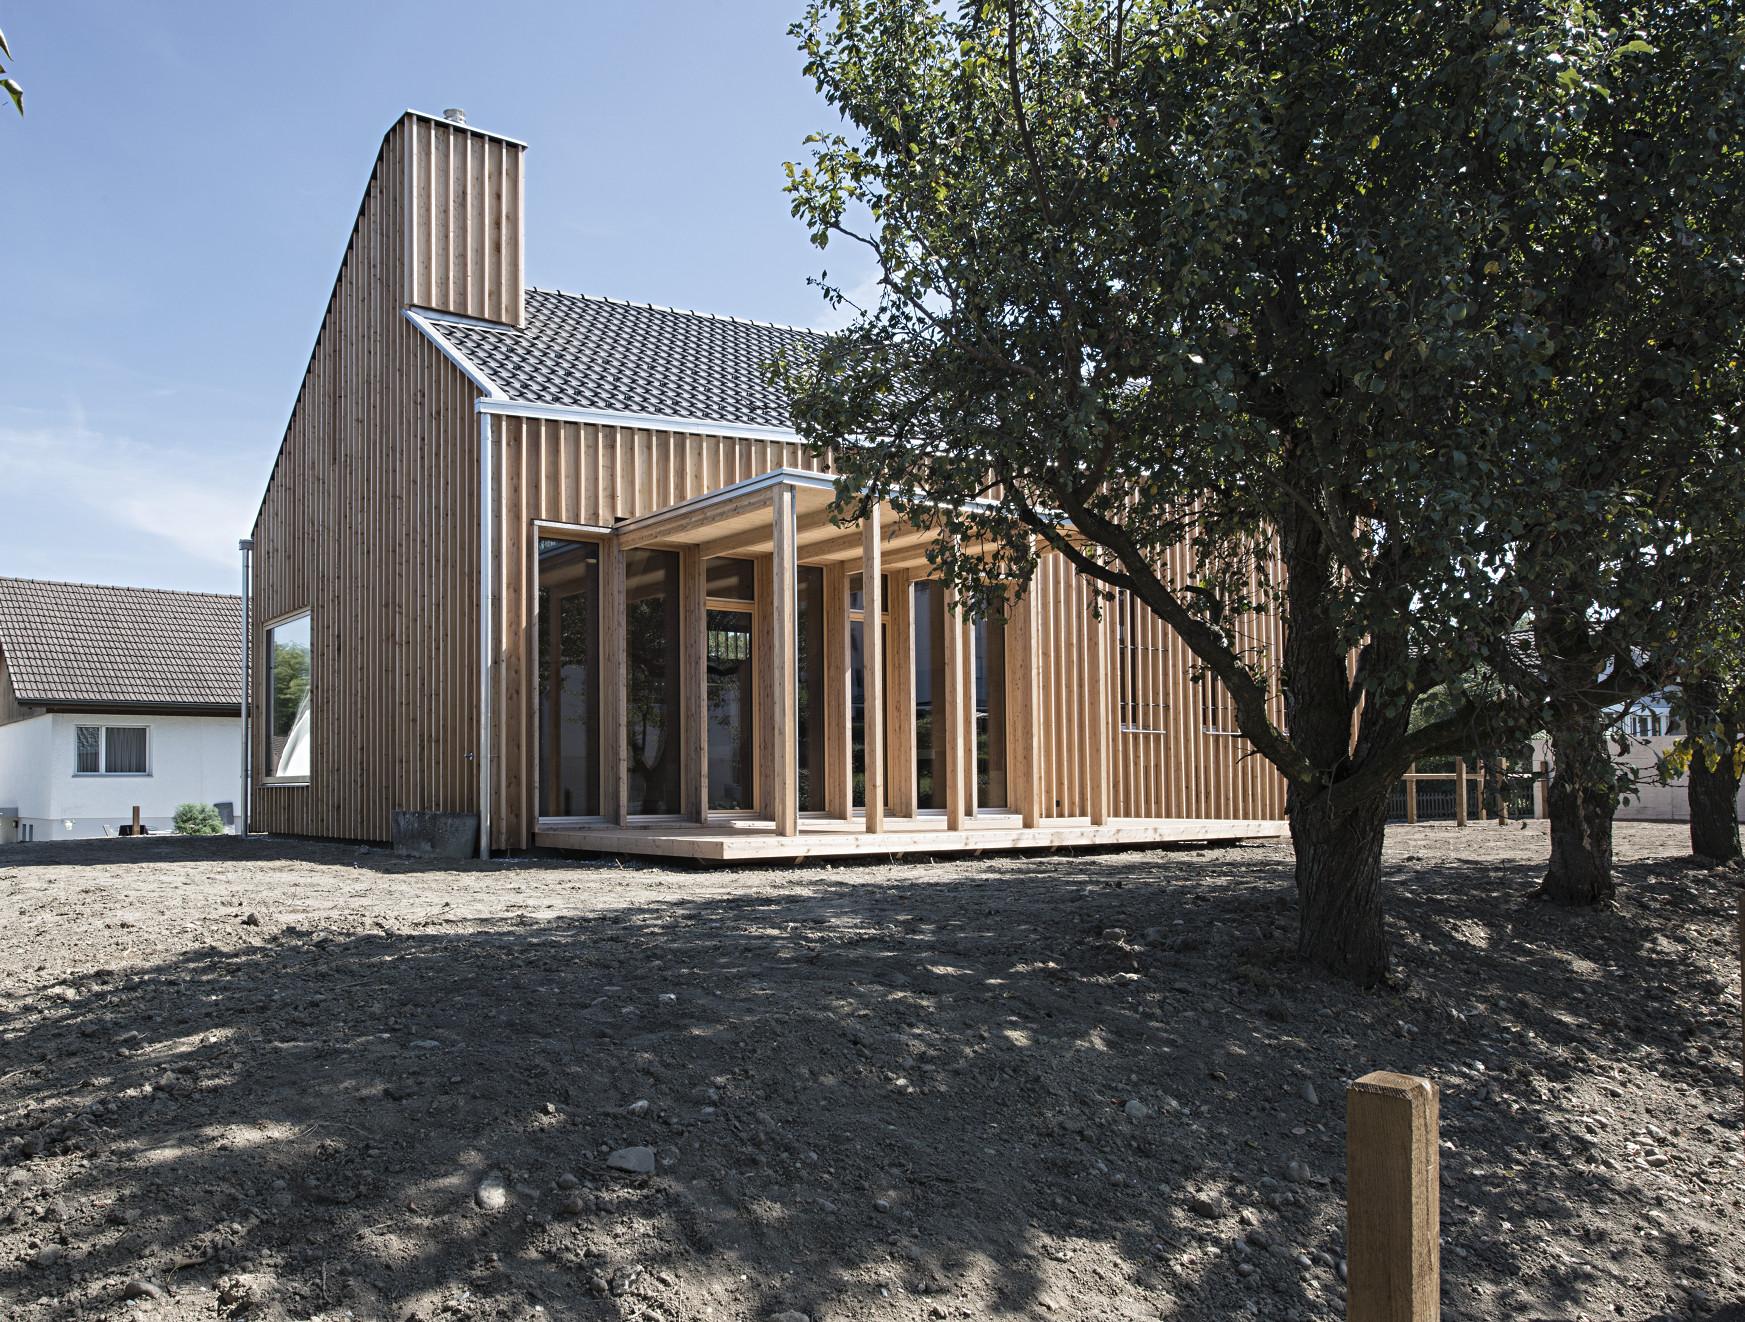 Wohnhaus am bodensee nachhaltig bauen wohnen baunetz for Wohnhaus bauen